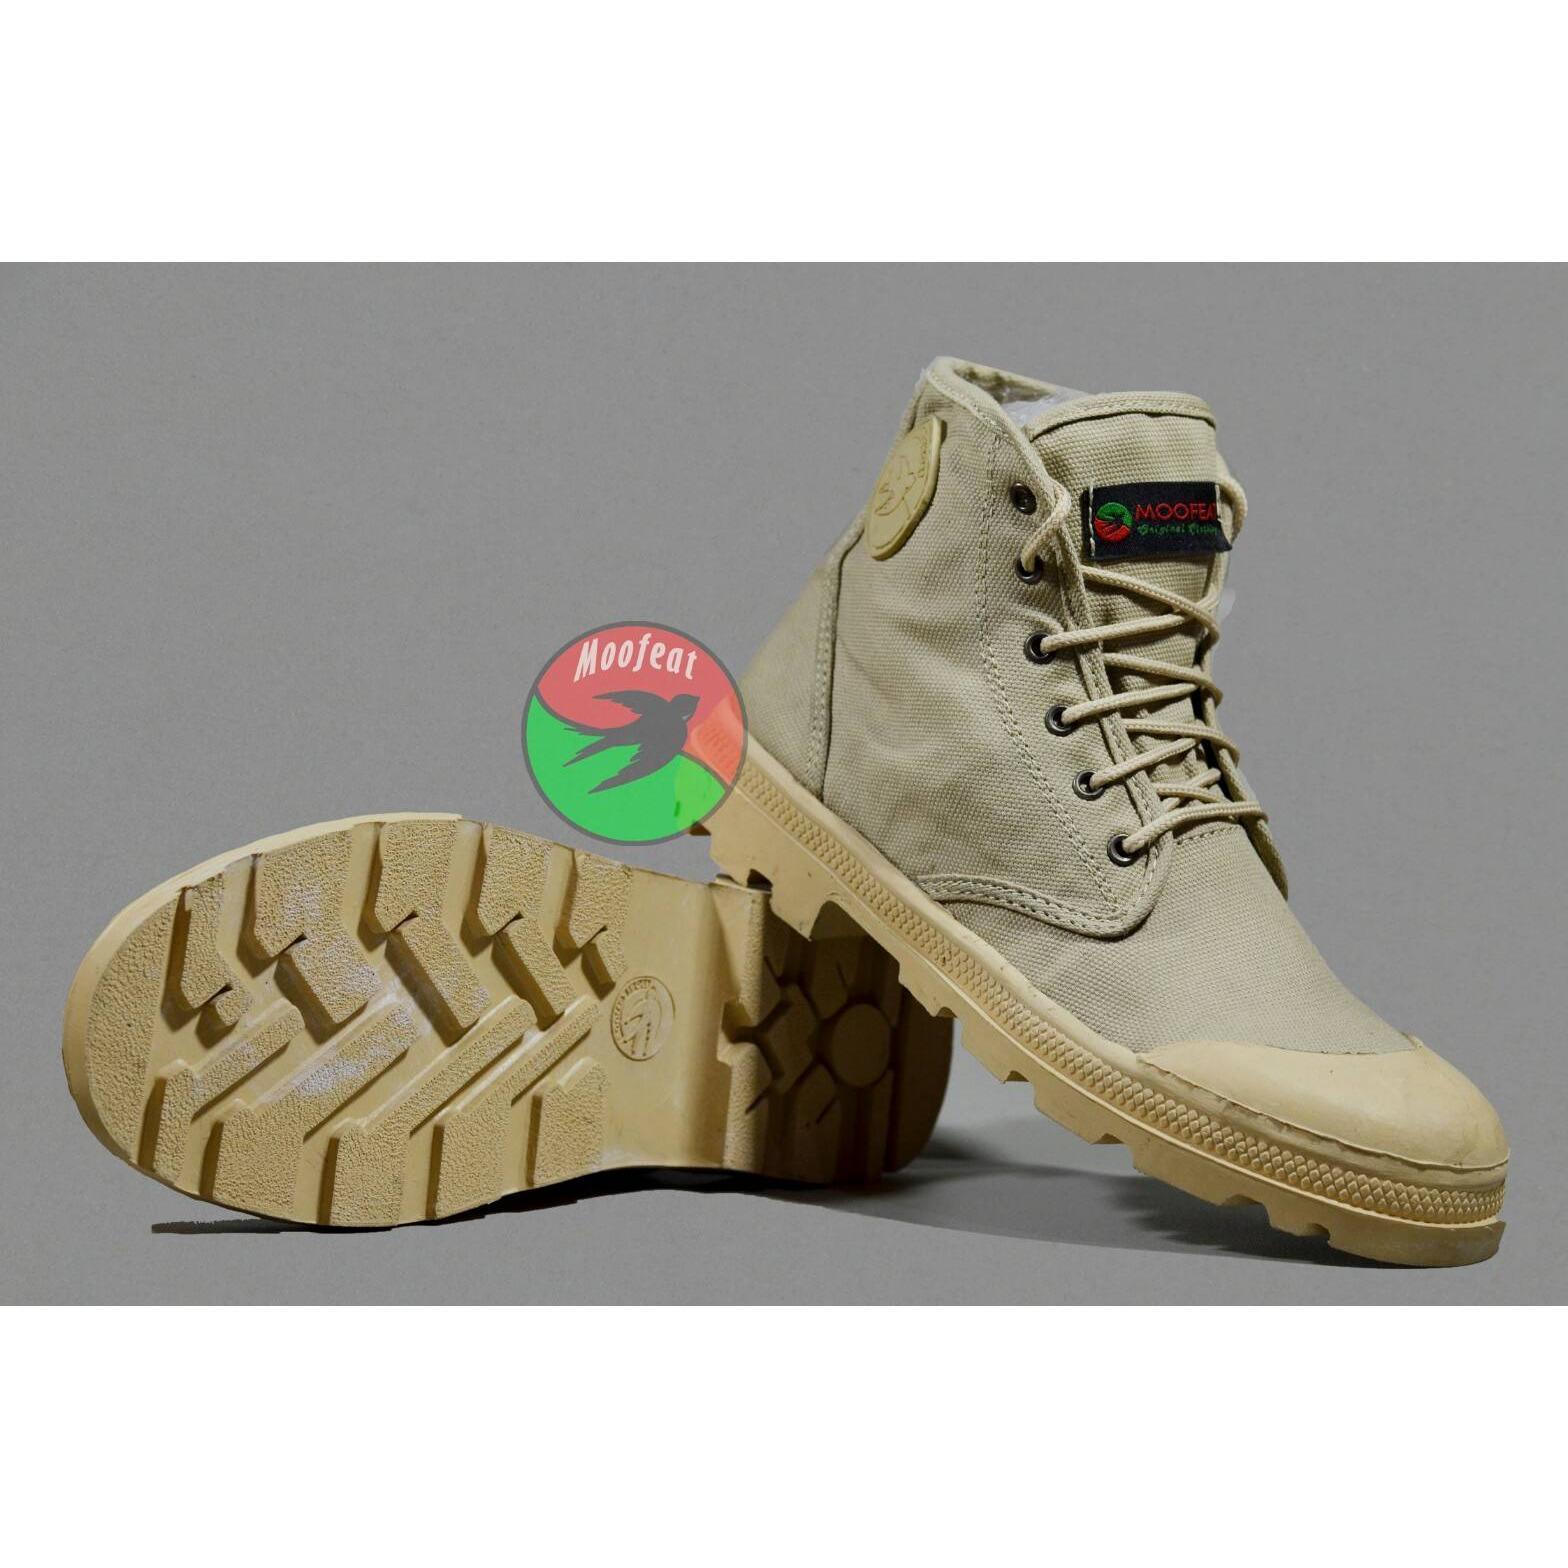 sepatu boots pria MOOFEAT ORIGINAL sepatu casual pria kerja sepatu tracking  pria 7404b3a756